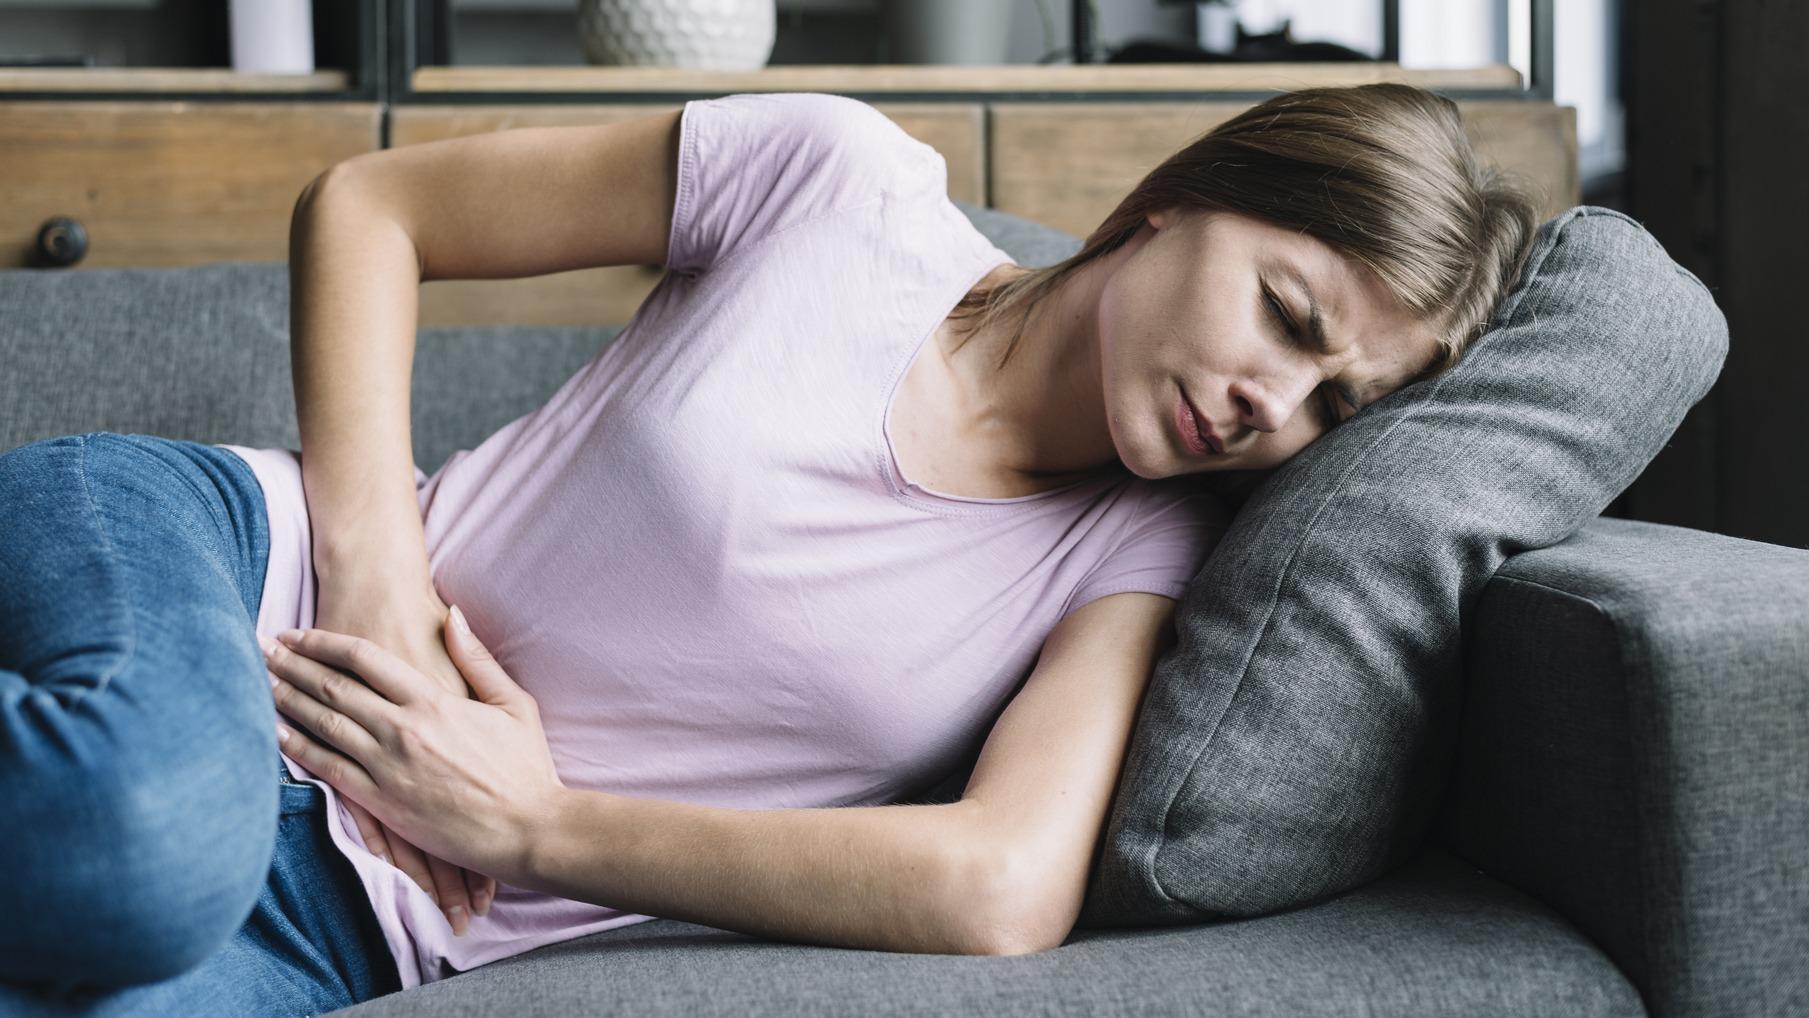 mulher deitada com as maos na barriga aparentando dor